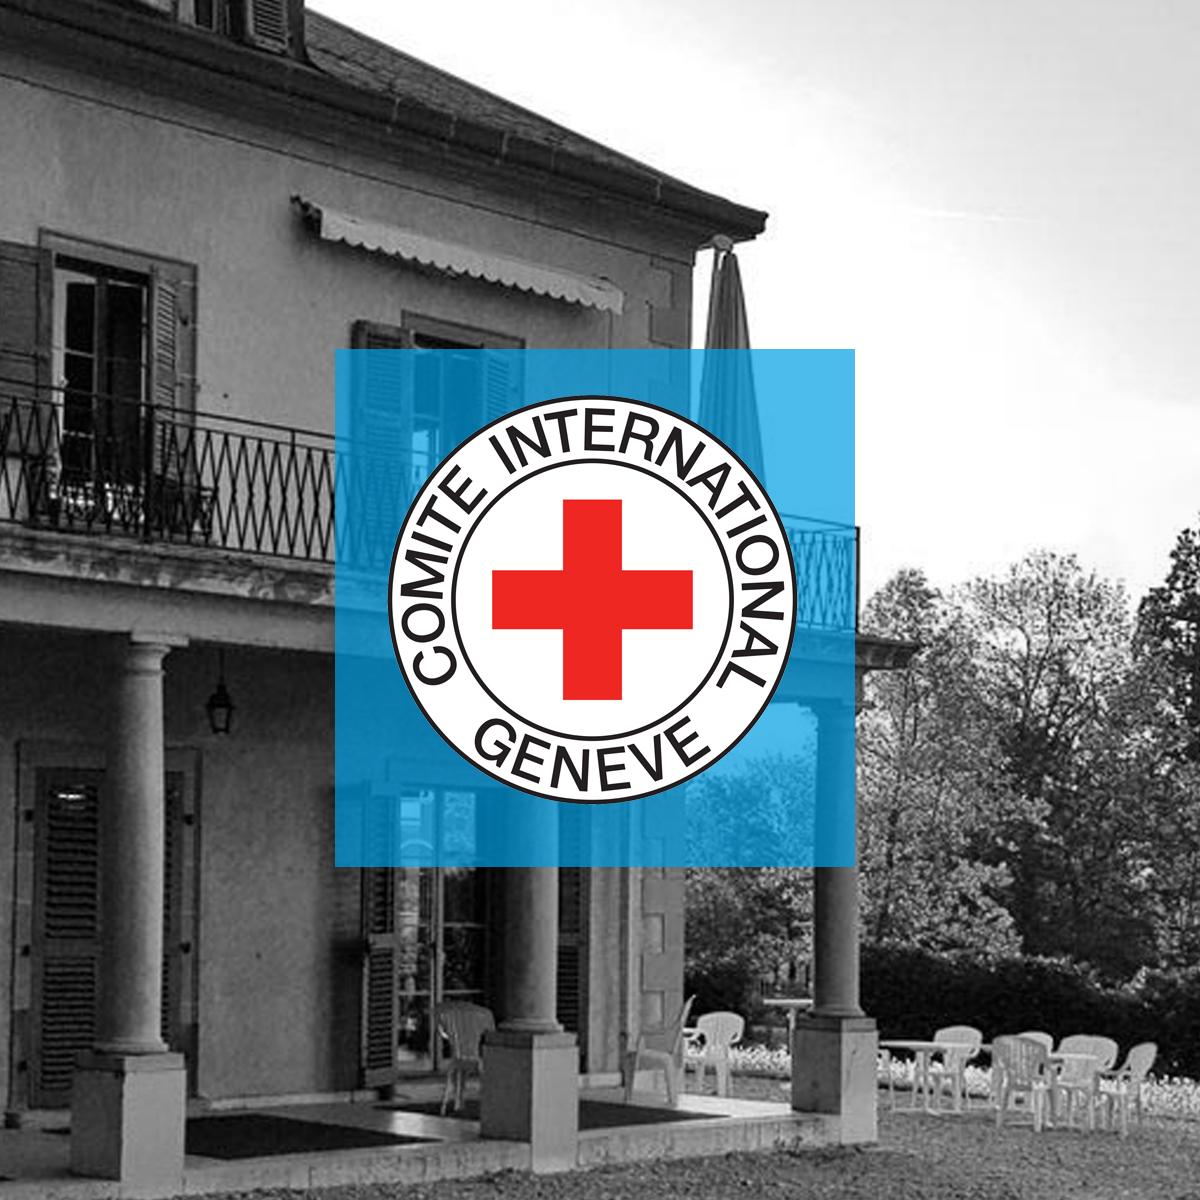 ICRC Main